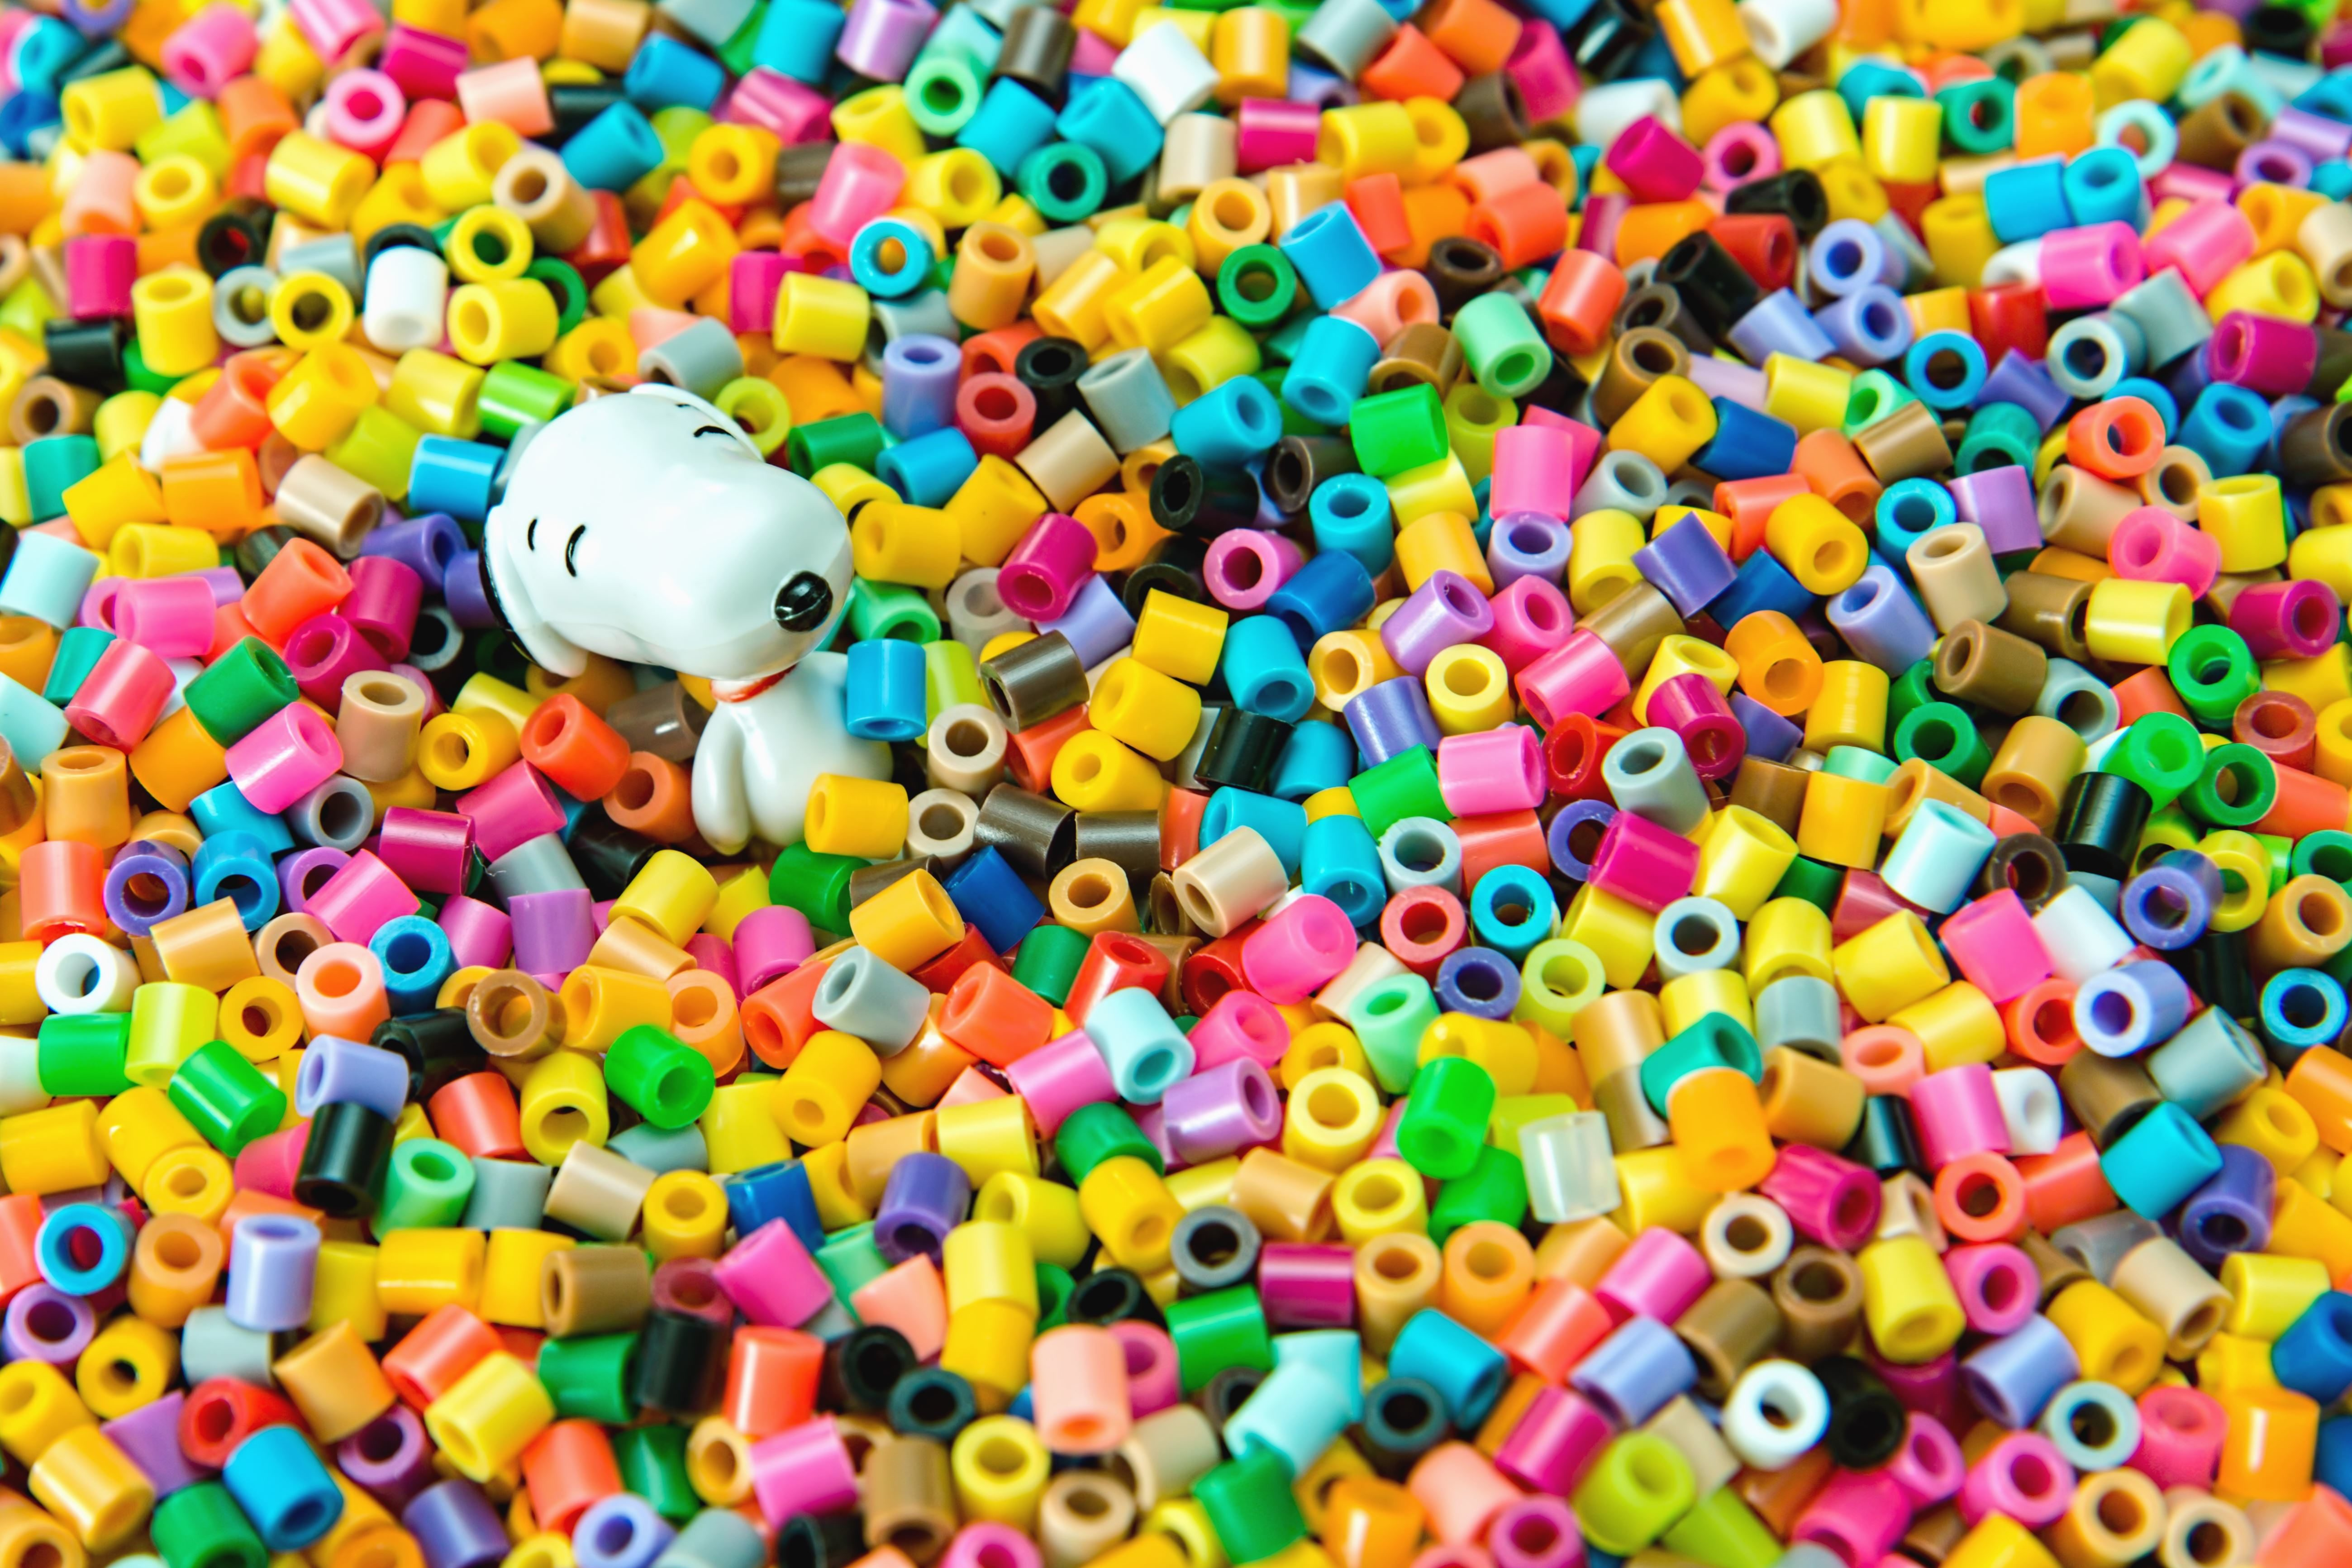 taille 40 cf0fe 3578f Image libre: Coloré, couleur, jouet, plastique, ceinture